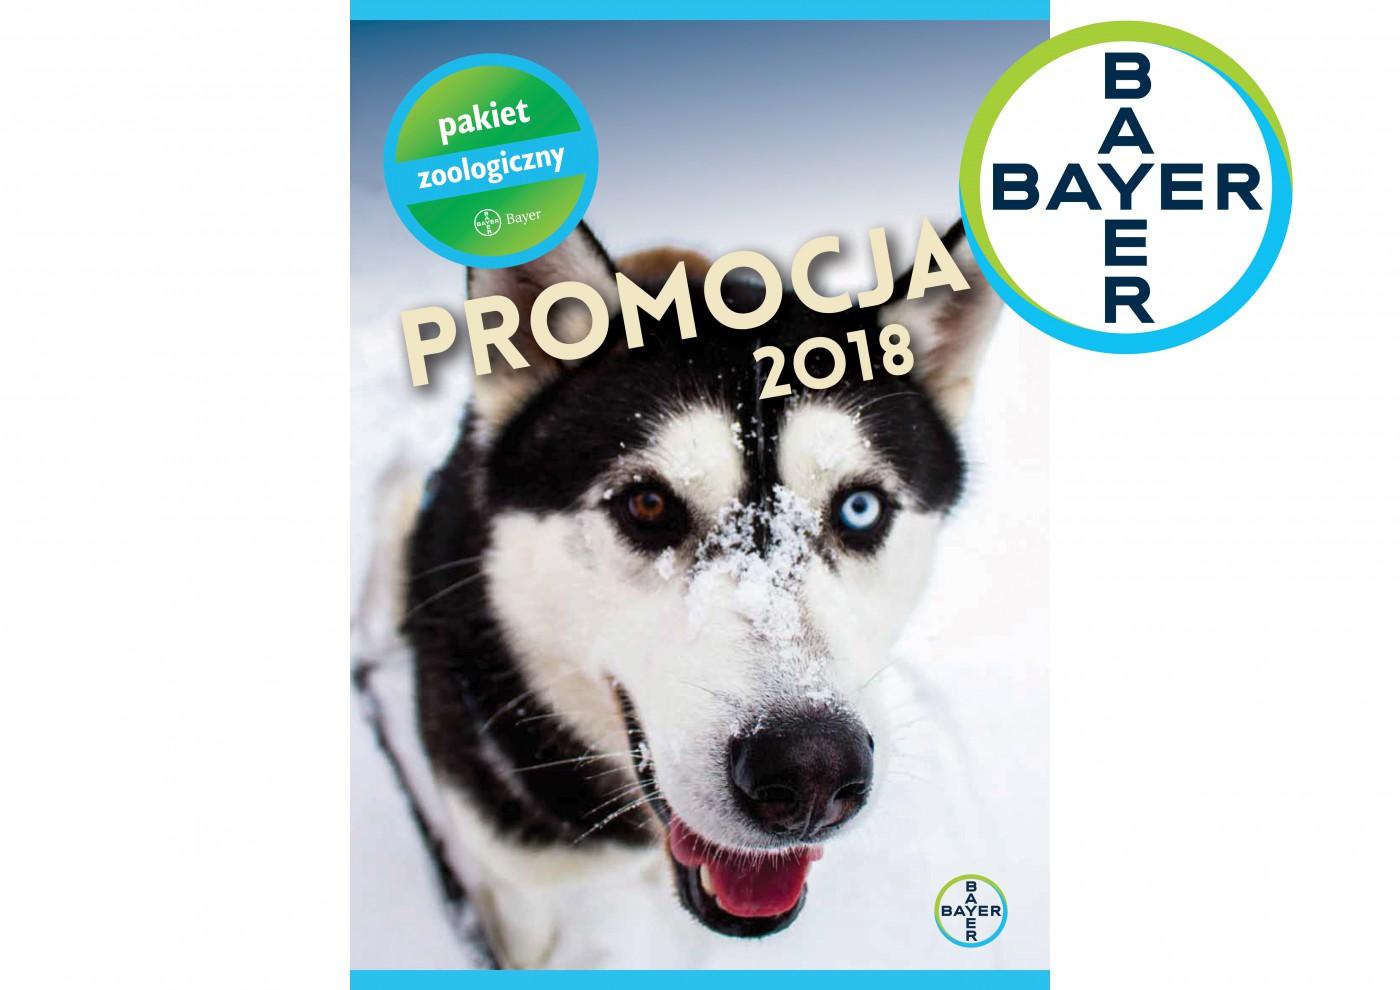 Promocja firmy Bayer